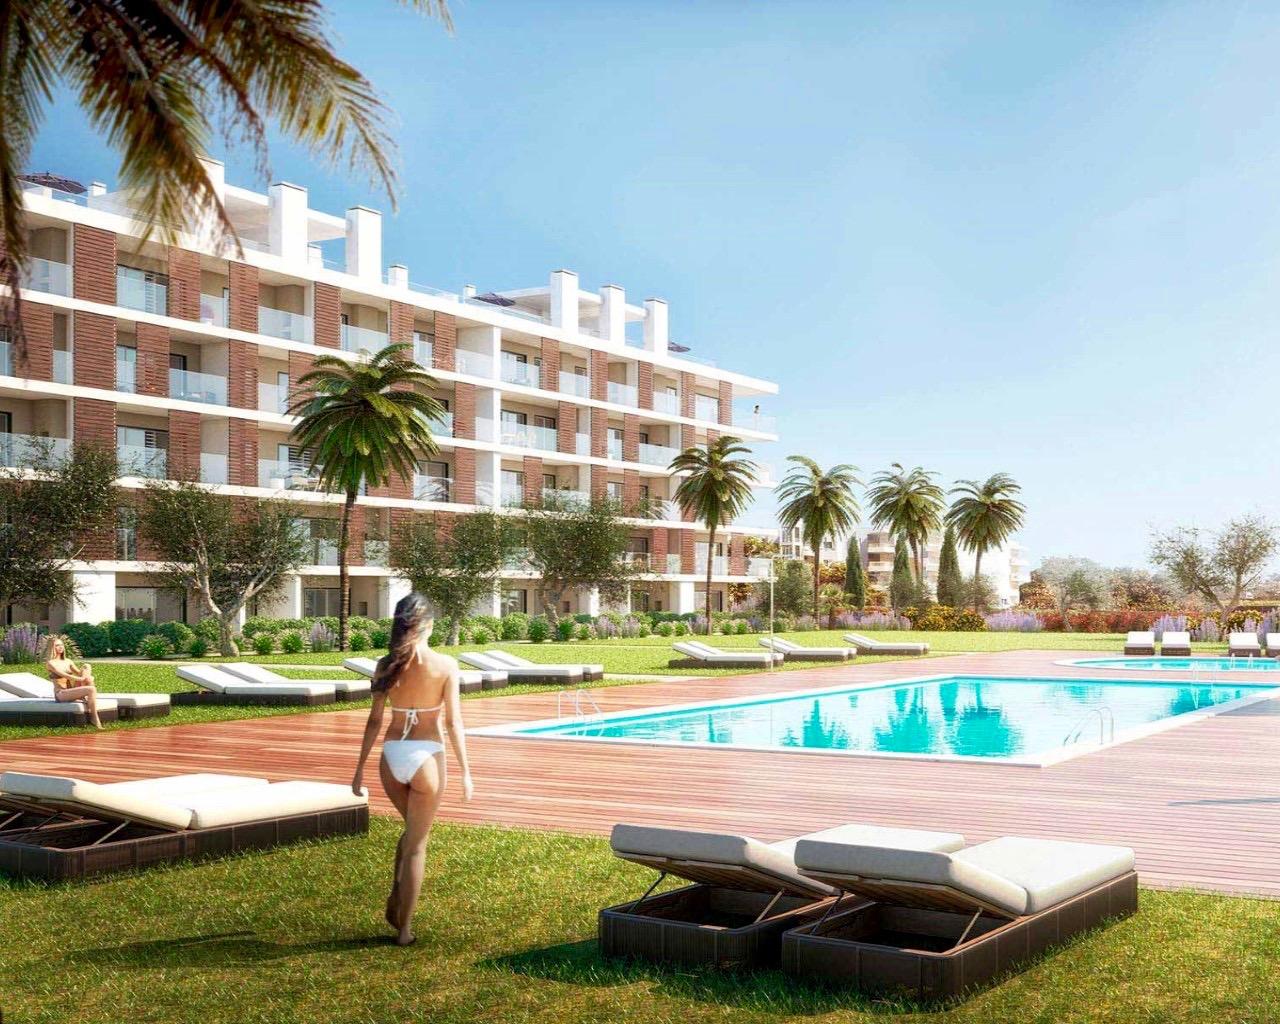 Portugal - Appartement moderne inséré dans une résidence privée à Albufeira